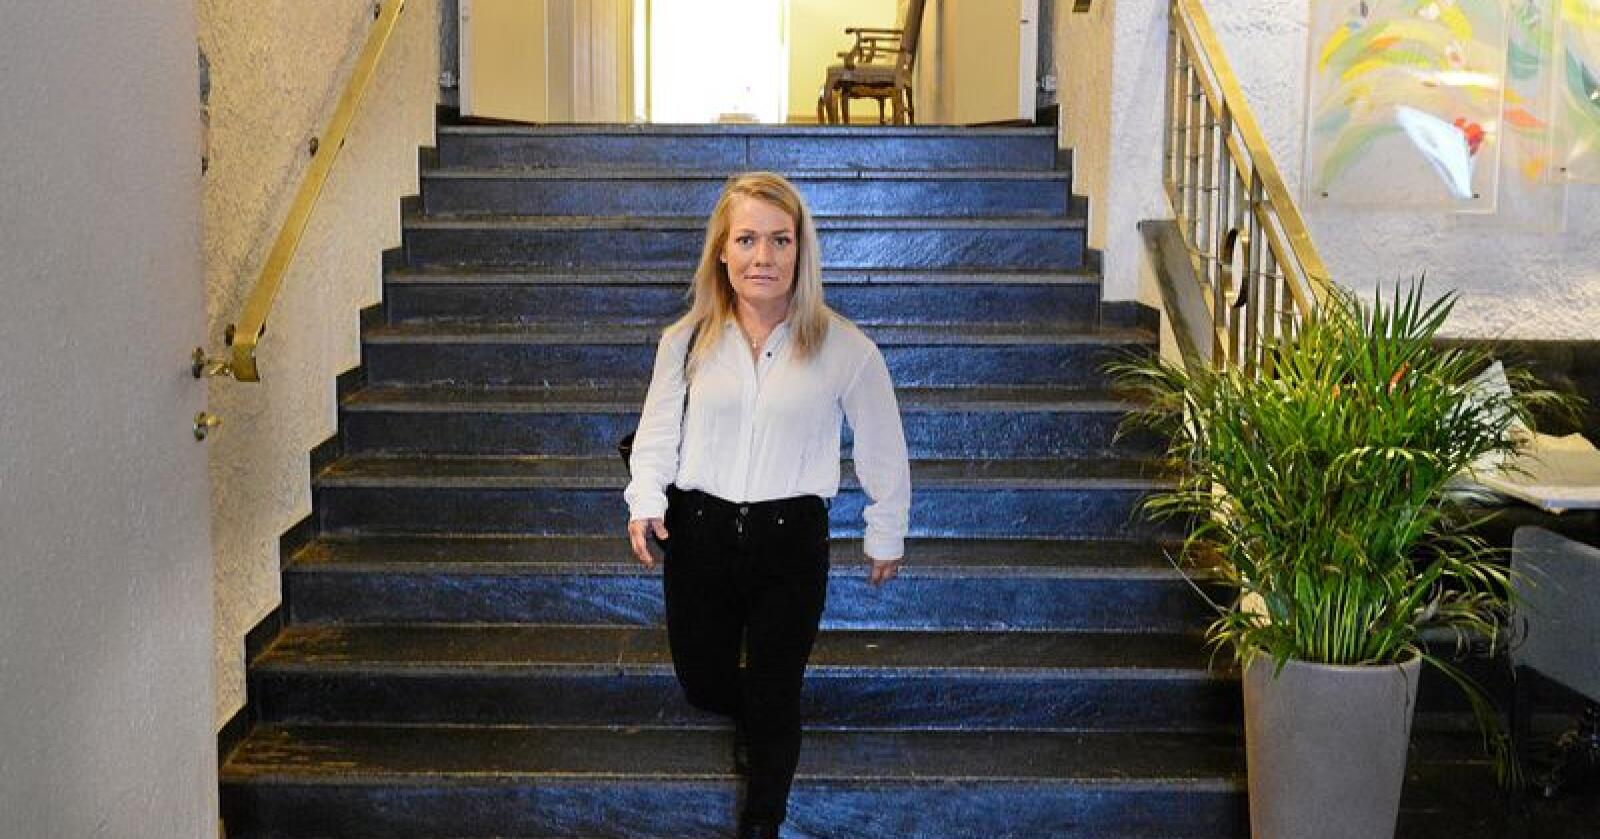 Etter det flere medier erfarer onsdag kveld blir Sandra Borch landets nye landbruks- og matminister. Foto: Siri Juell Rasmussen